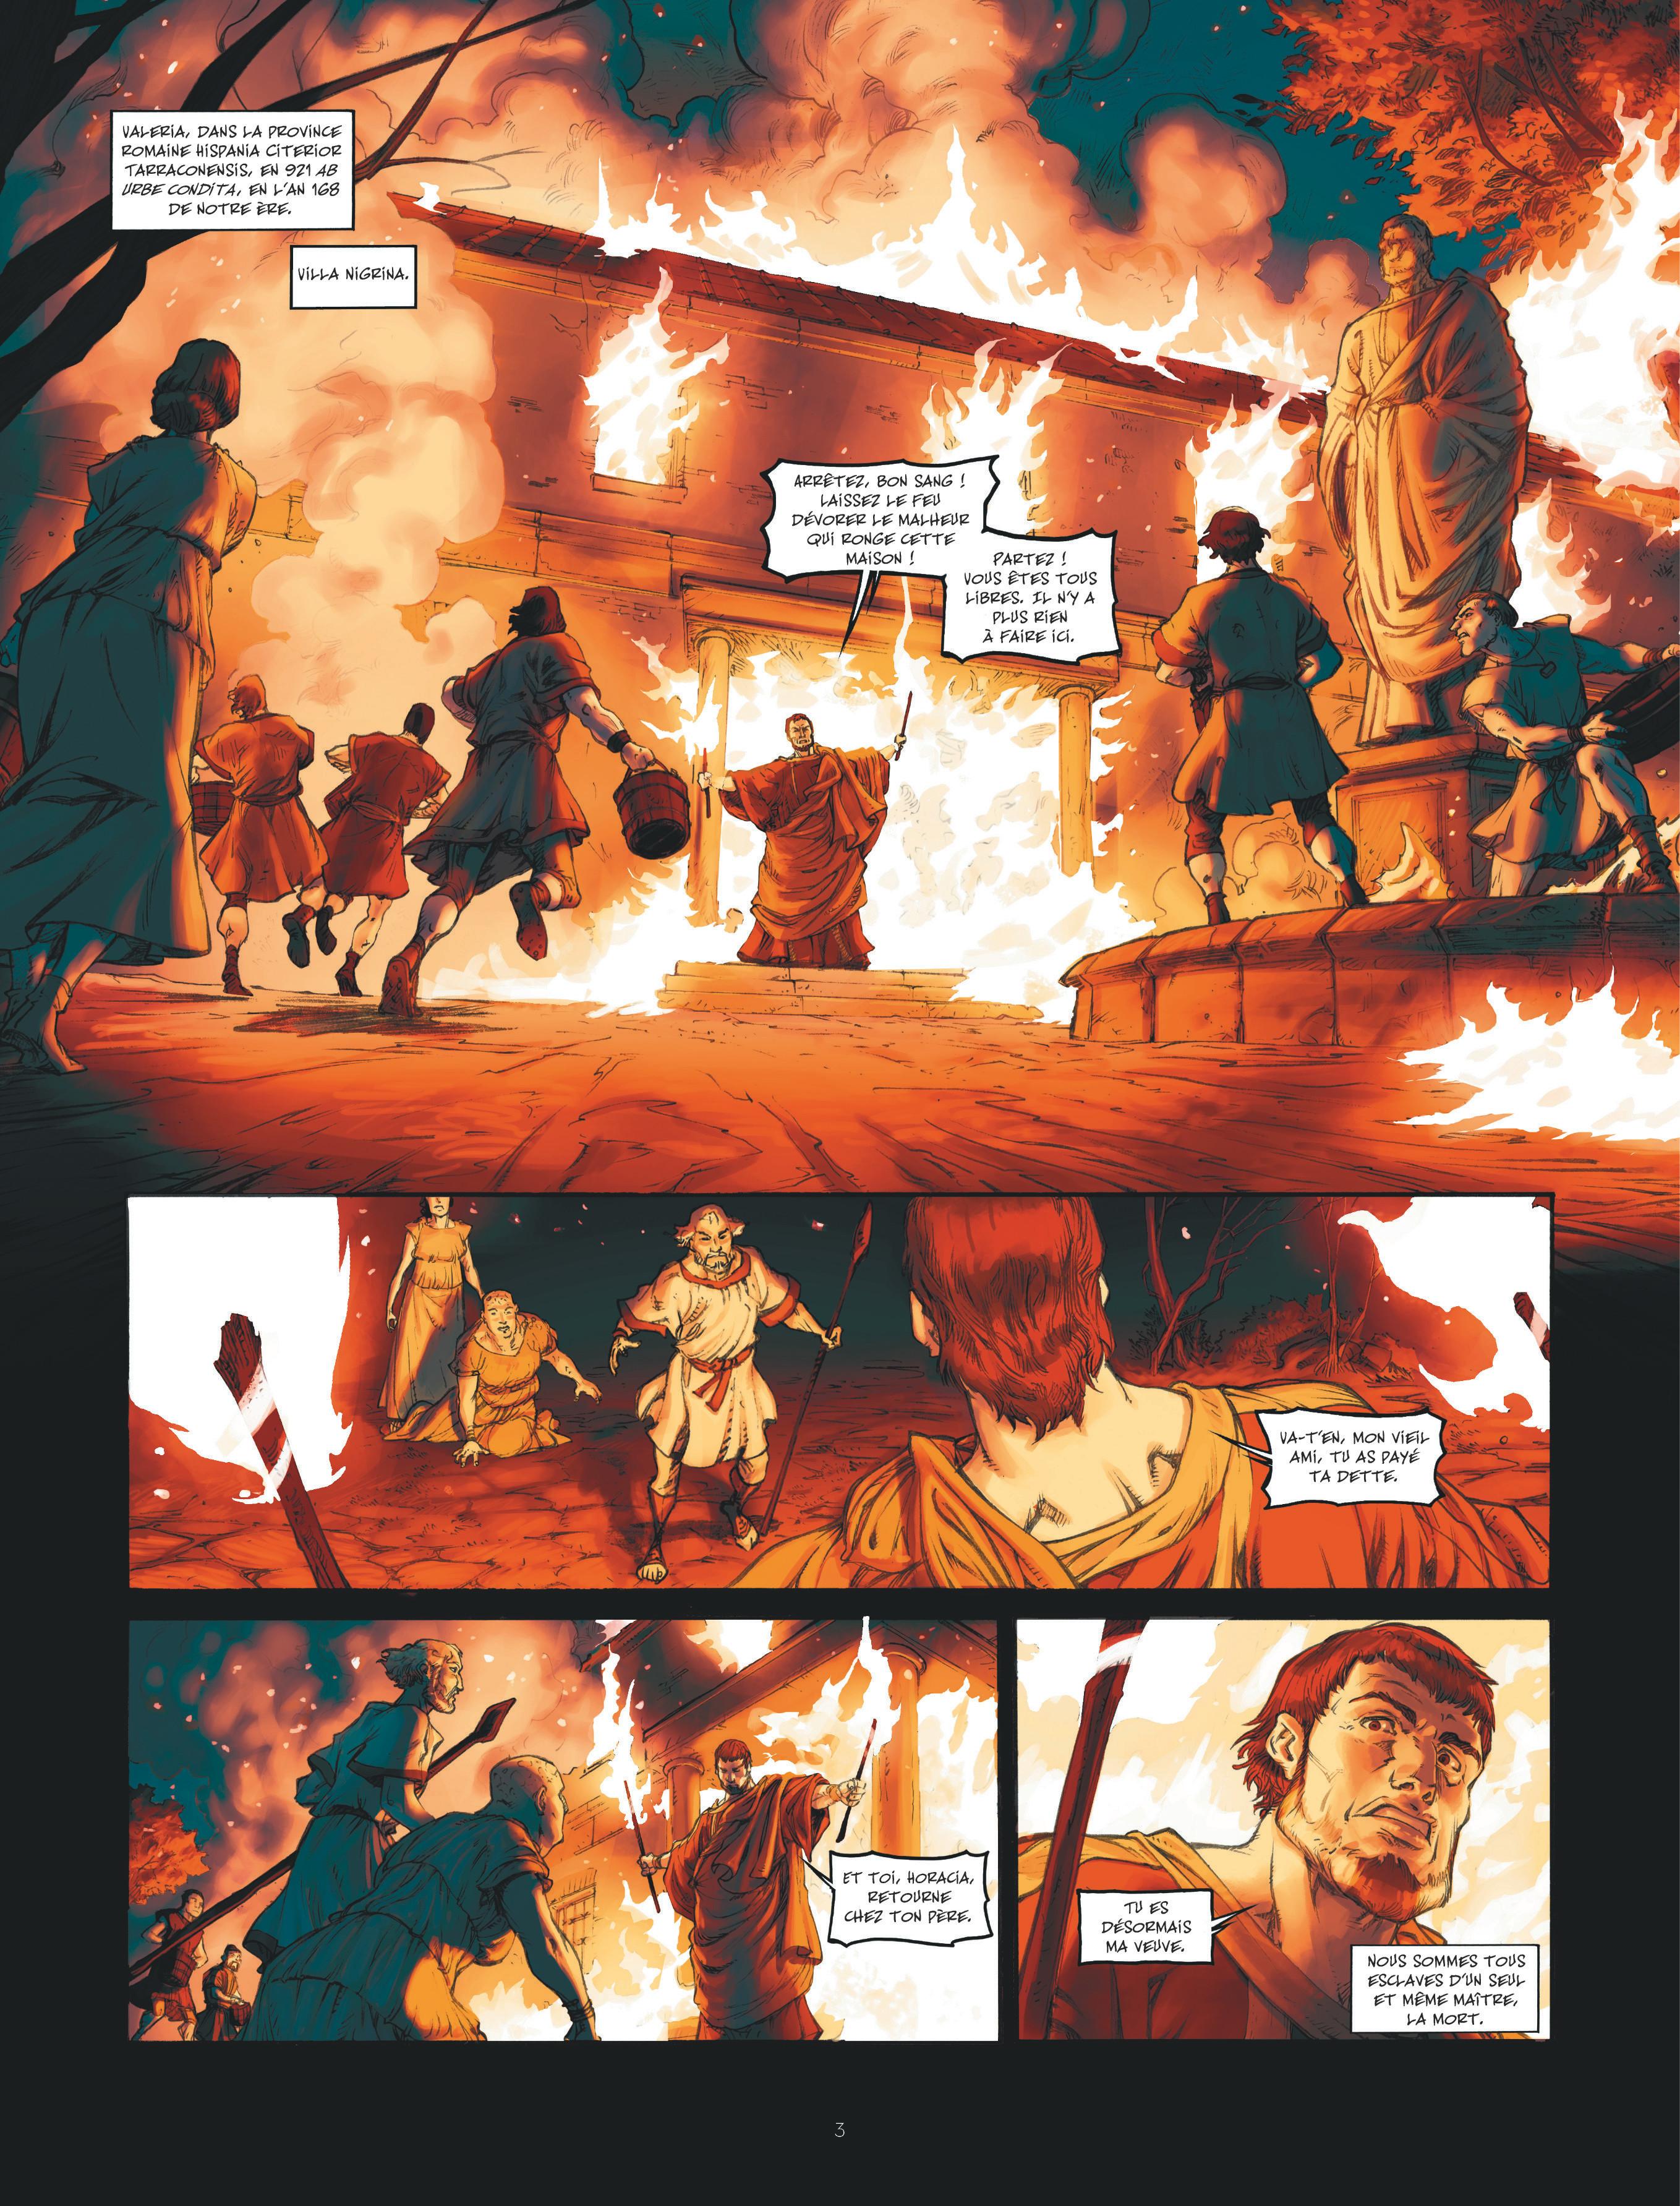 Gloria_Victis#3_Page 3